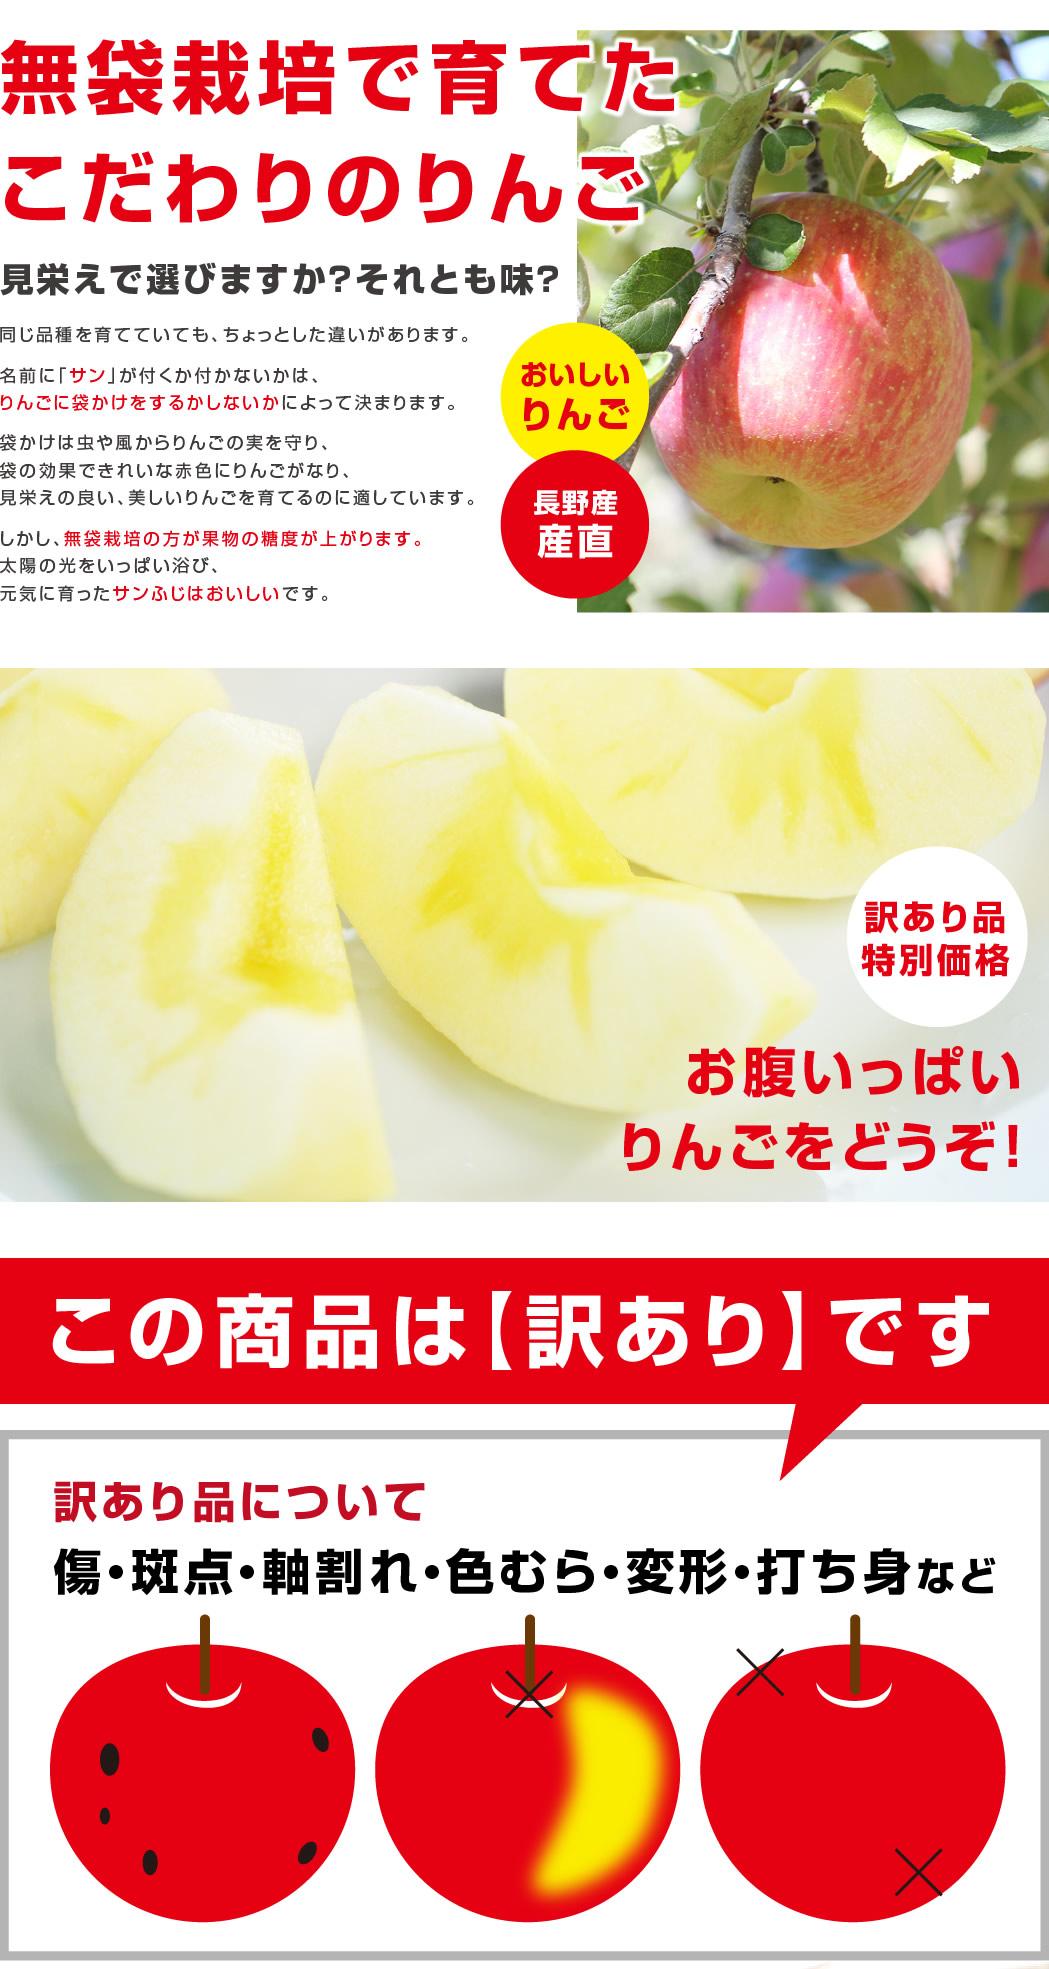 こだわりのりんごです